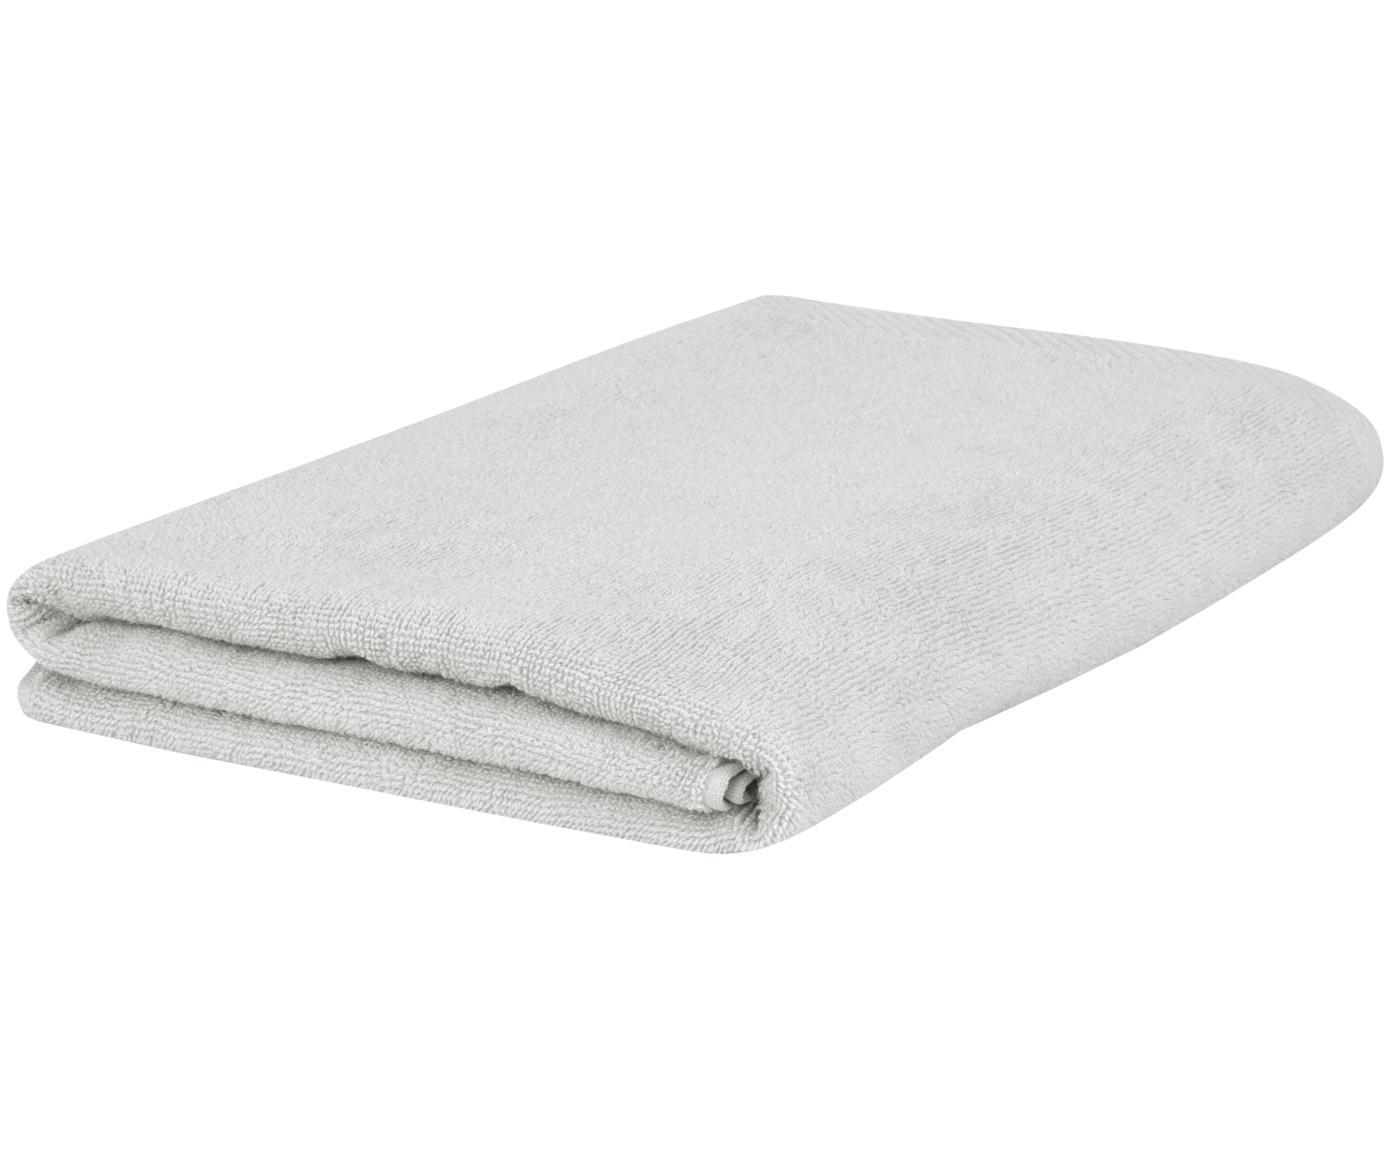 Eenkleurige handdoek Comfort, Lichtgrijs, Gastendoekje